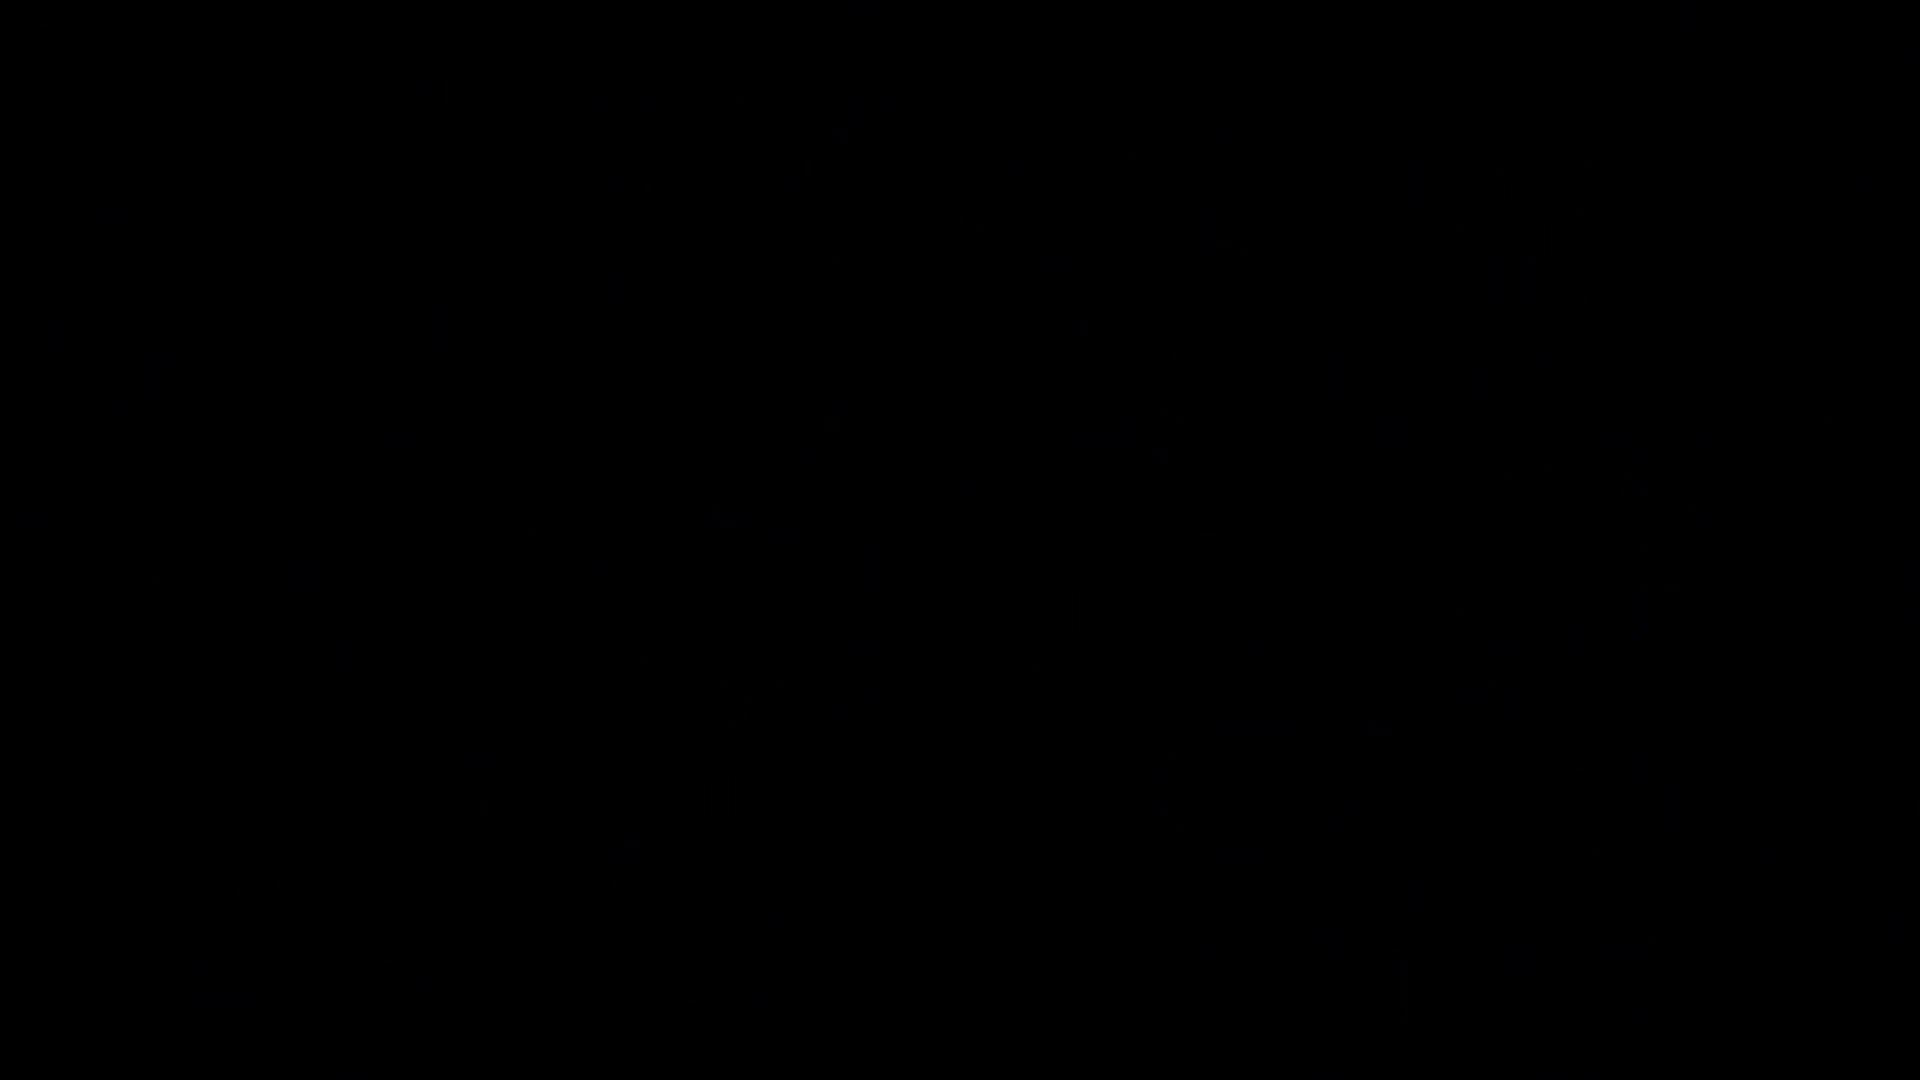 清さんの傑作動画集 Vol.09 後編 アナル攻撃 ゲイ無修正画像 113pic 28